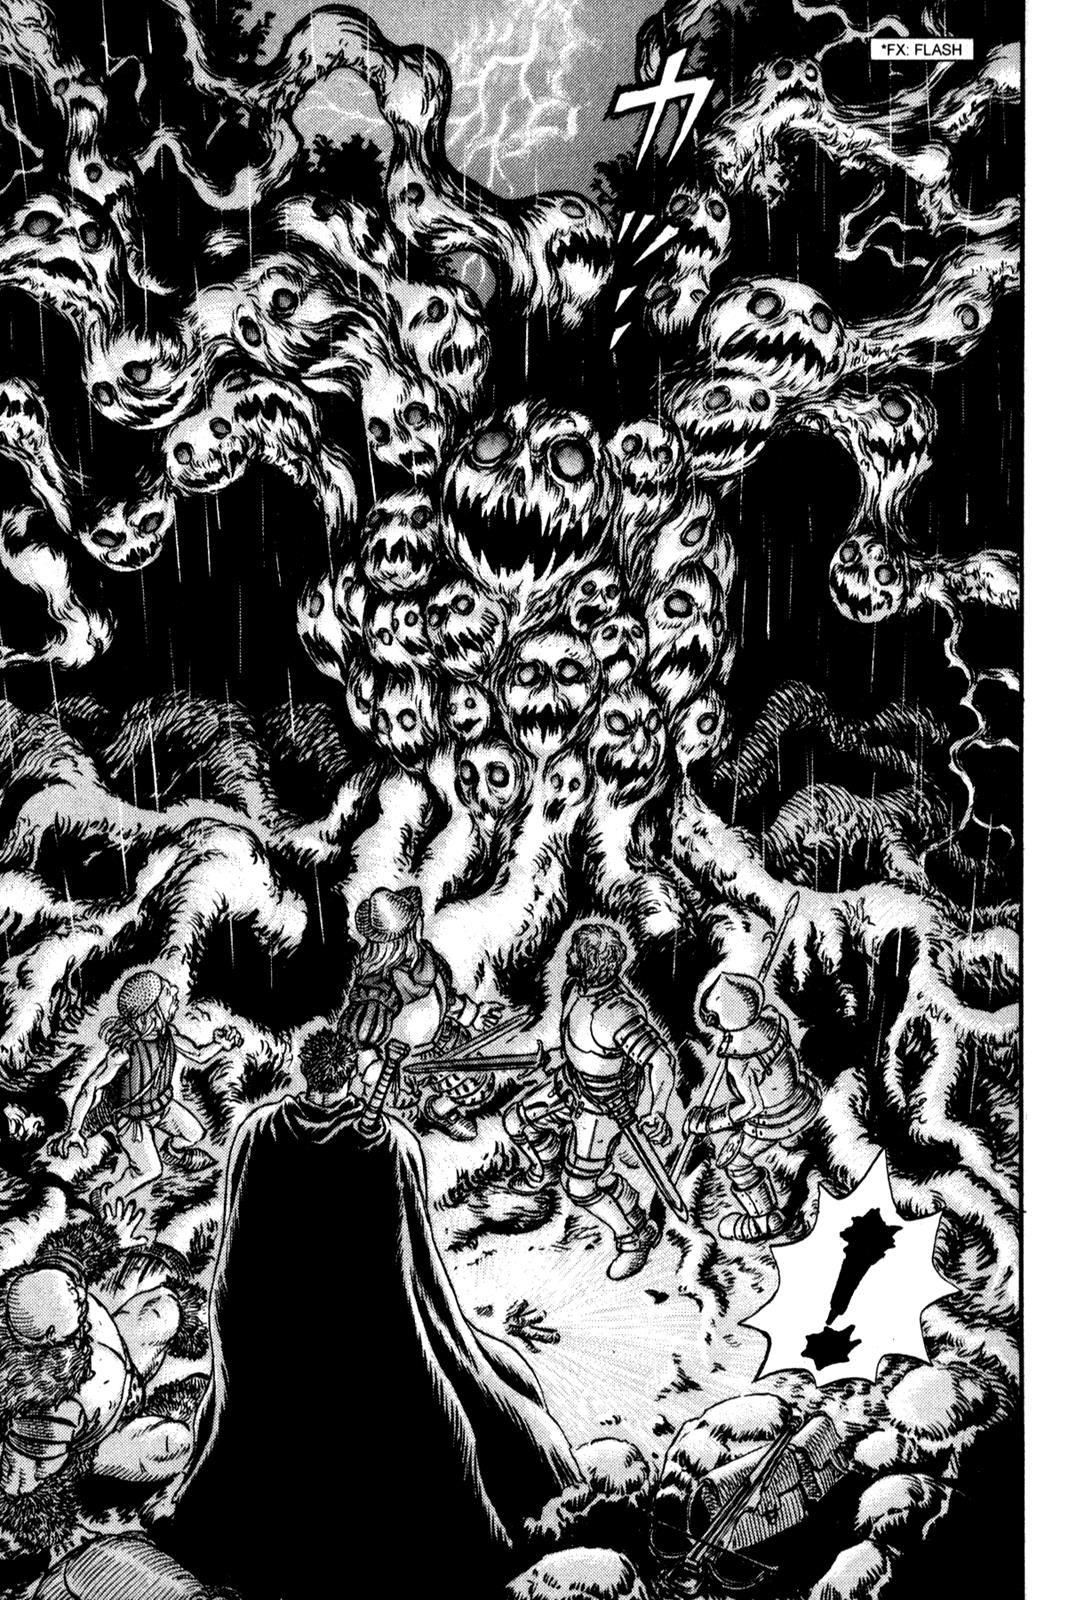 Berserk Manga - Read Berserk Chapter 95 Page 23 Online Free